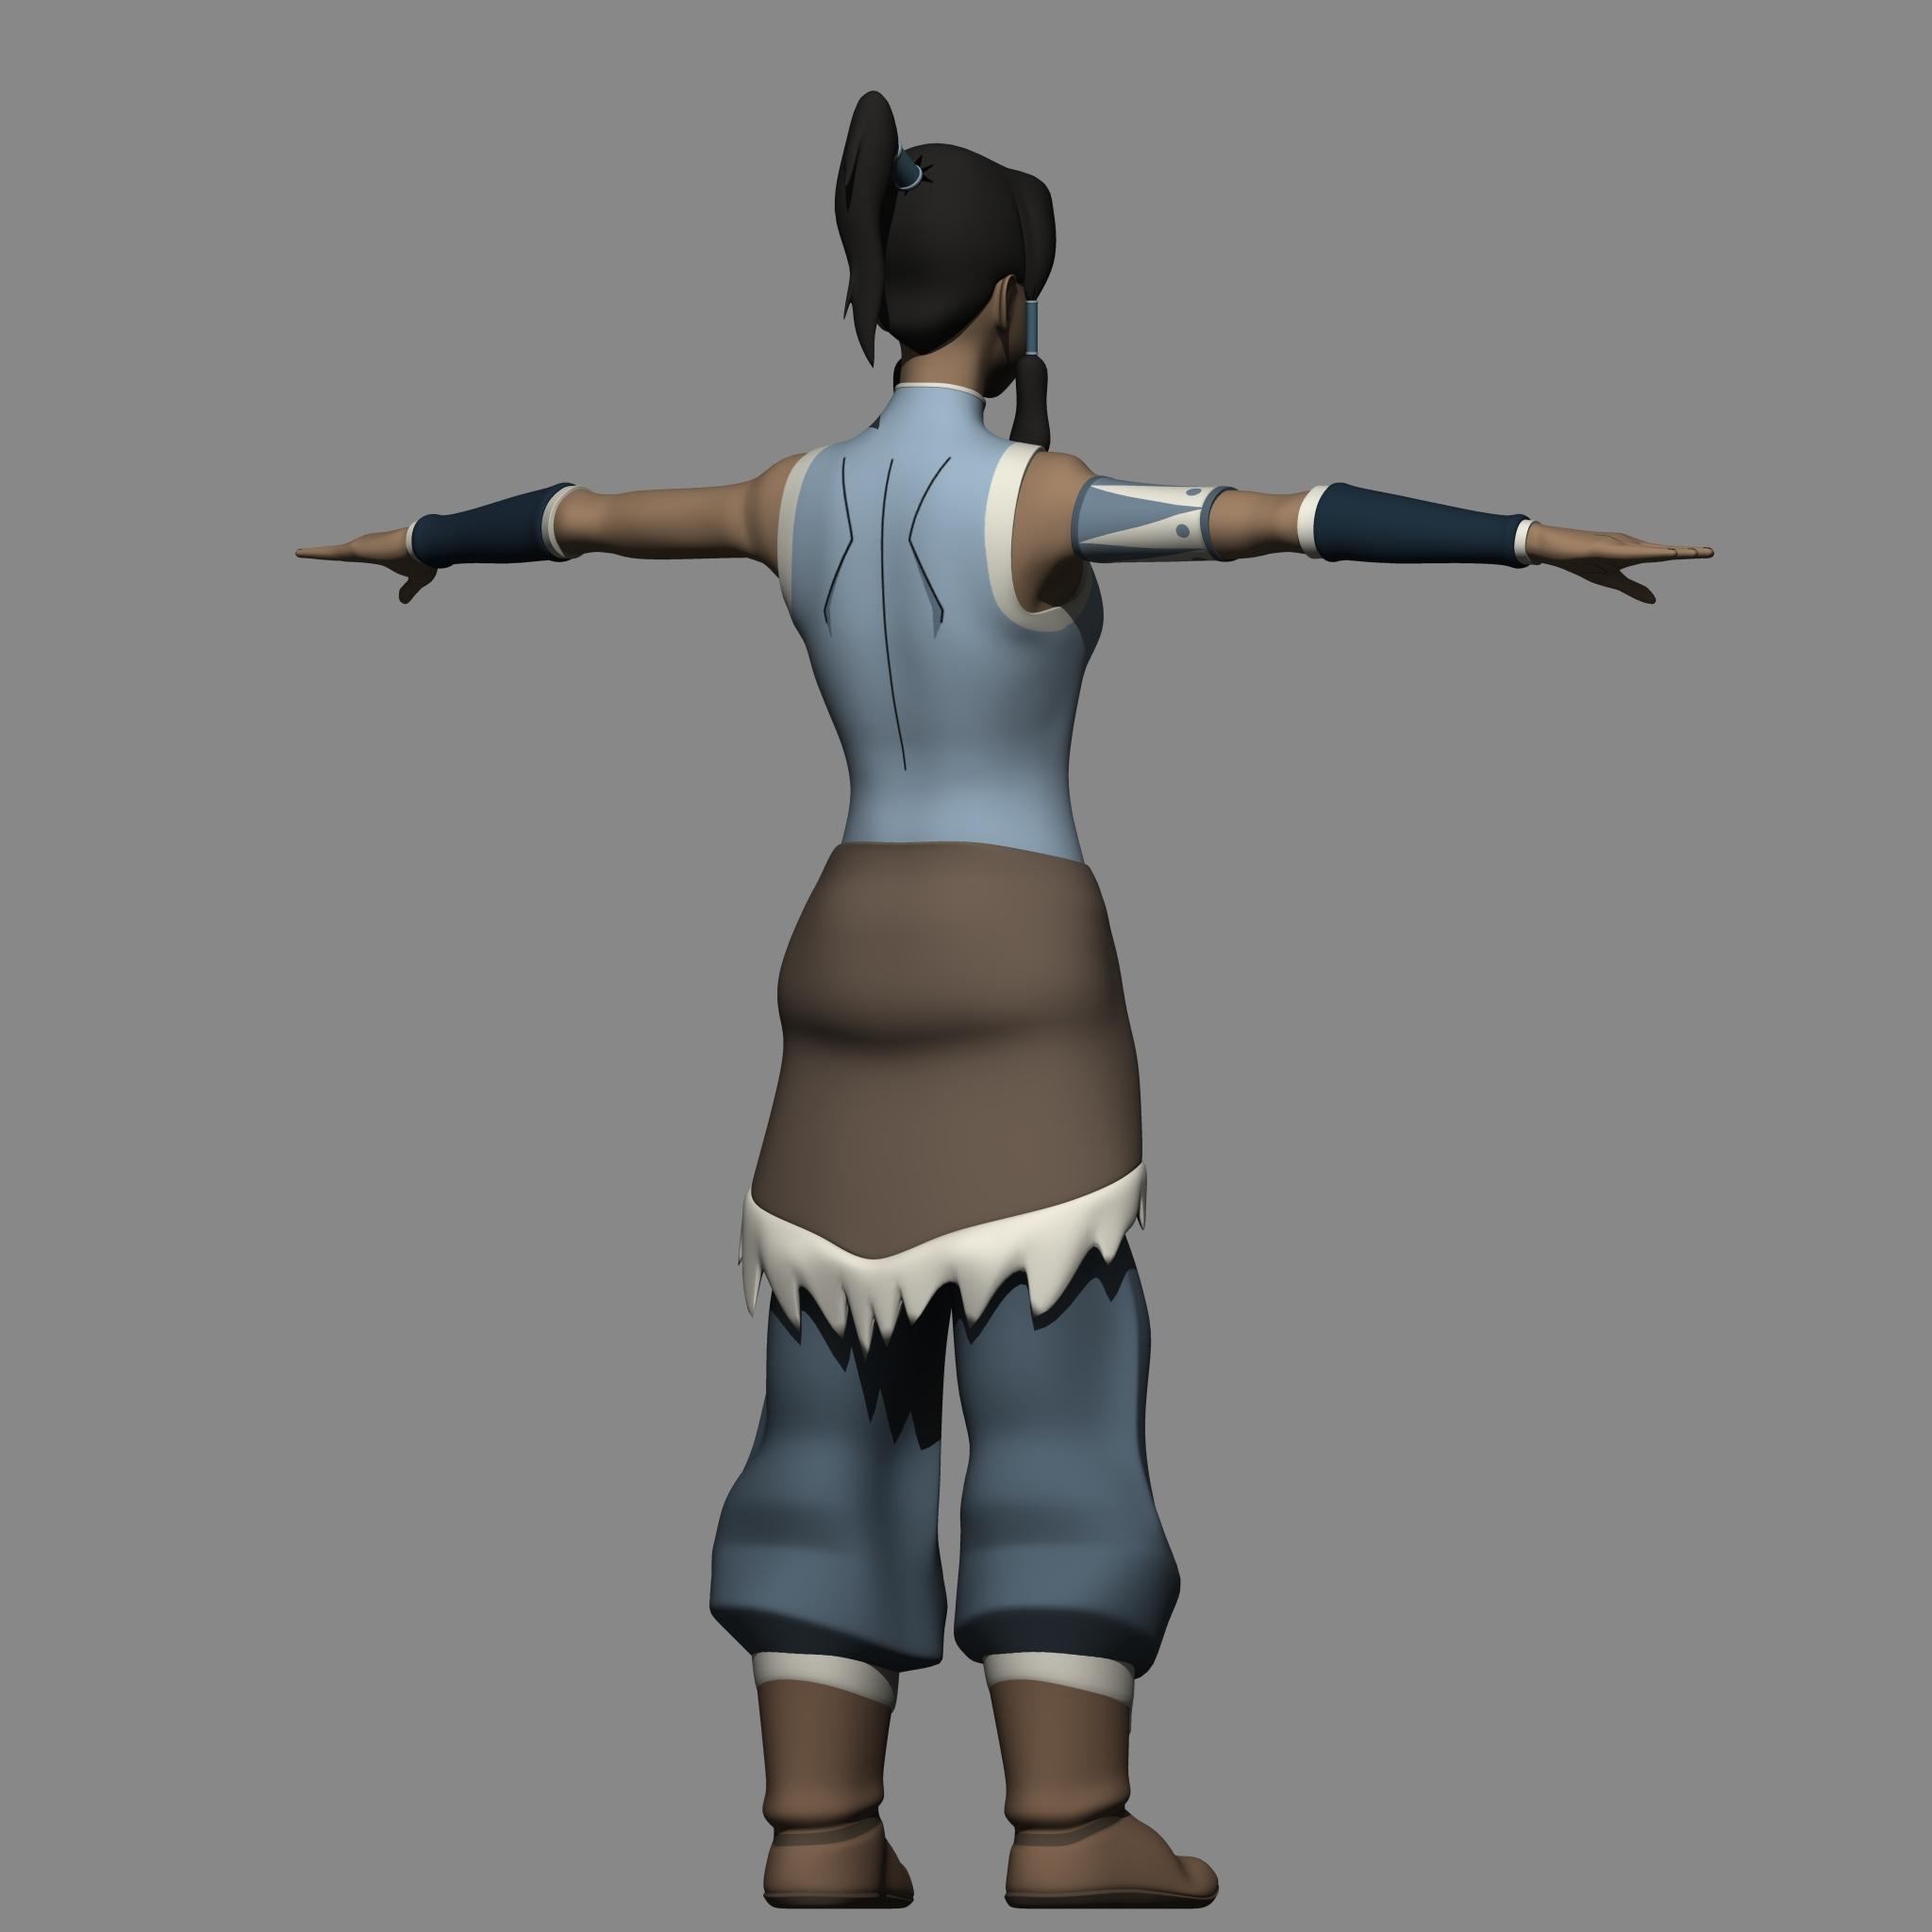 Avatar 3: Avatar Korra 3D Model